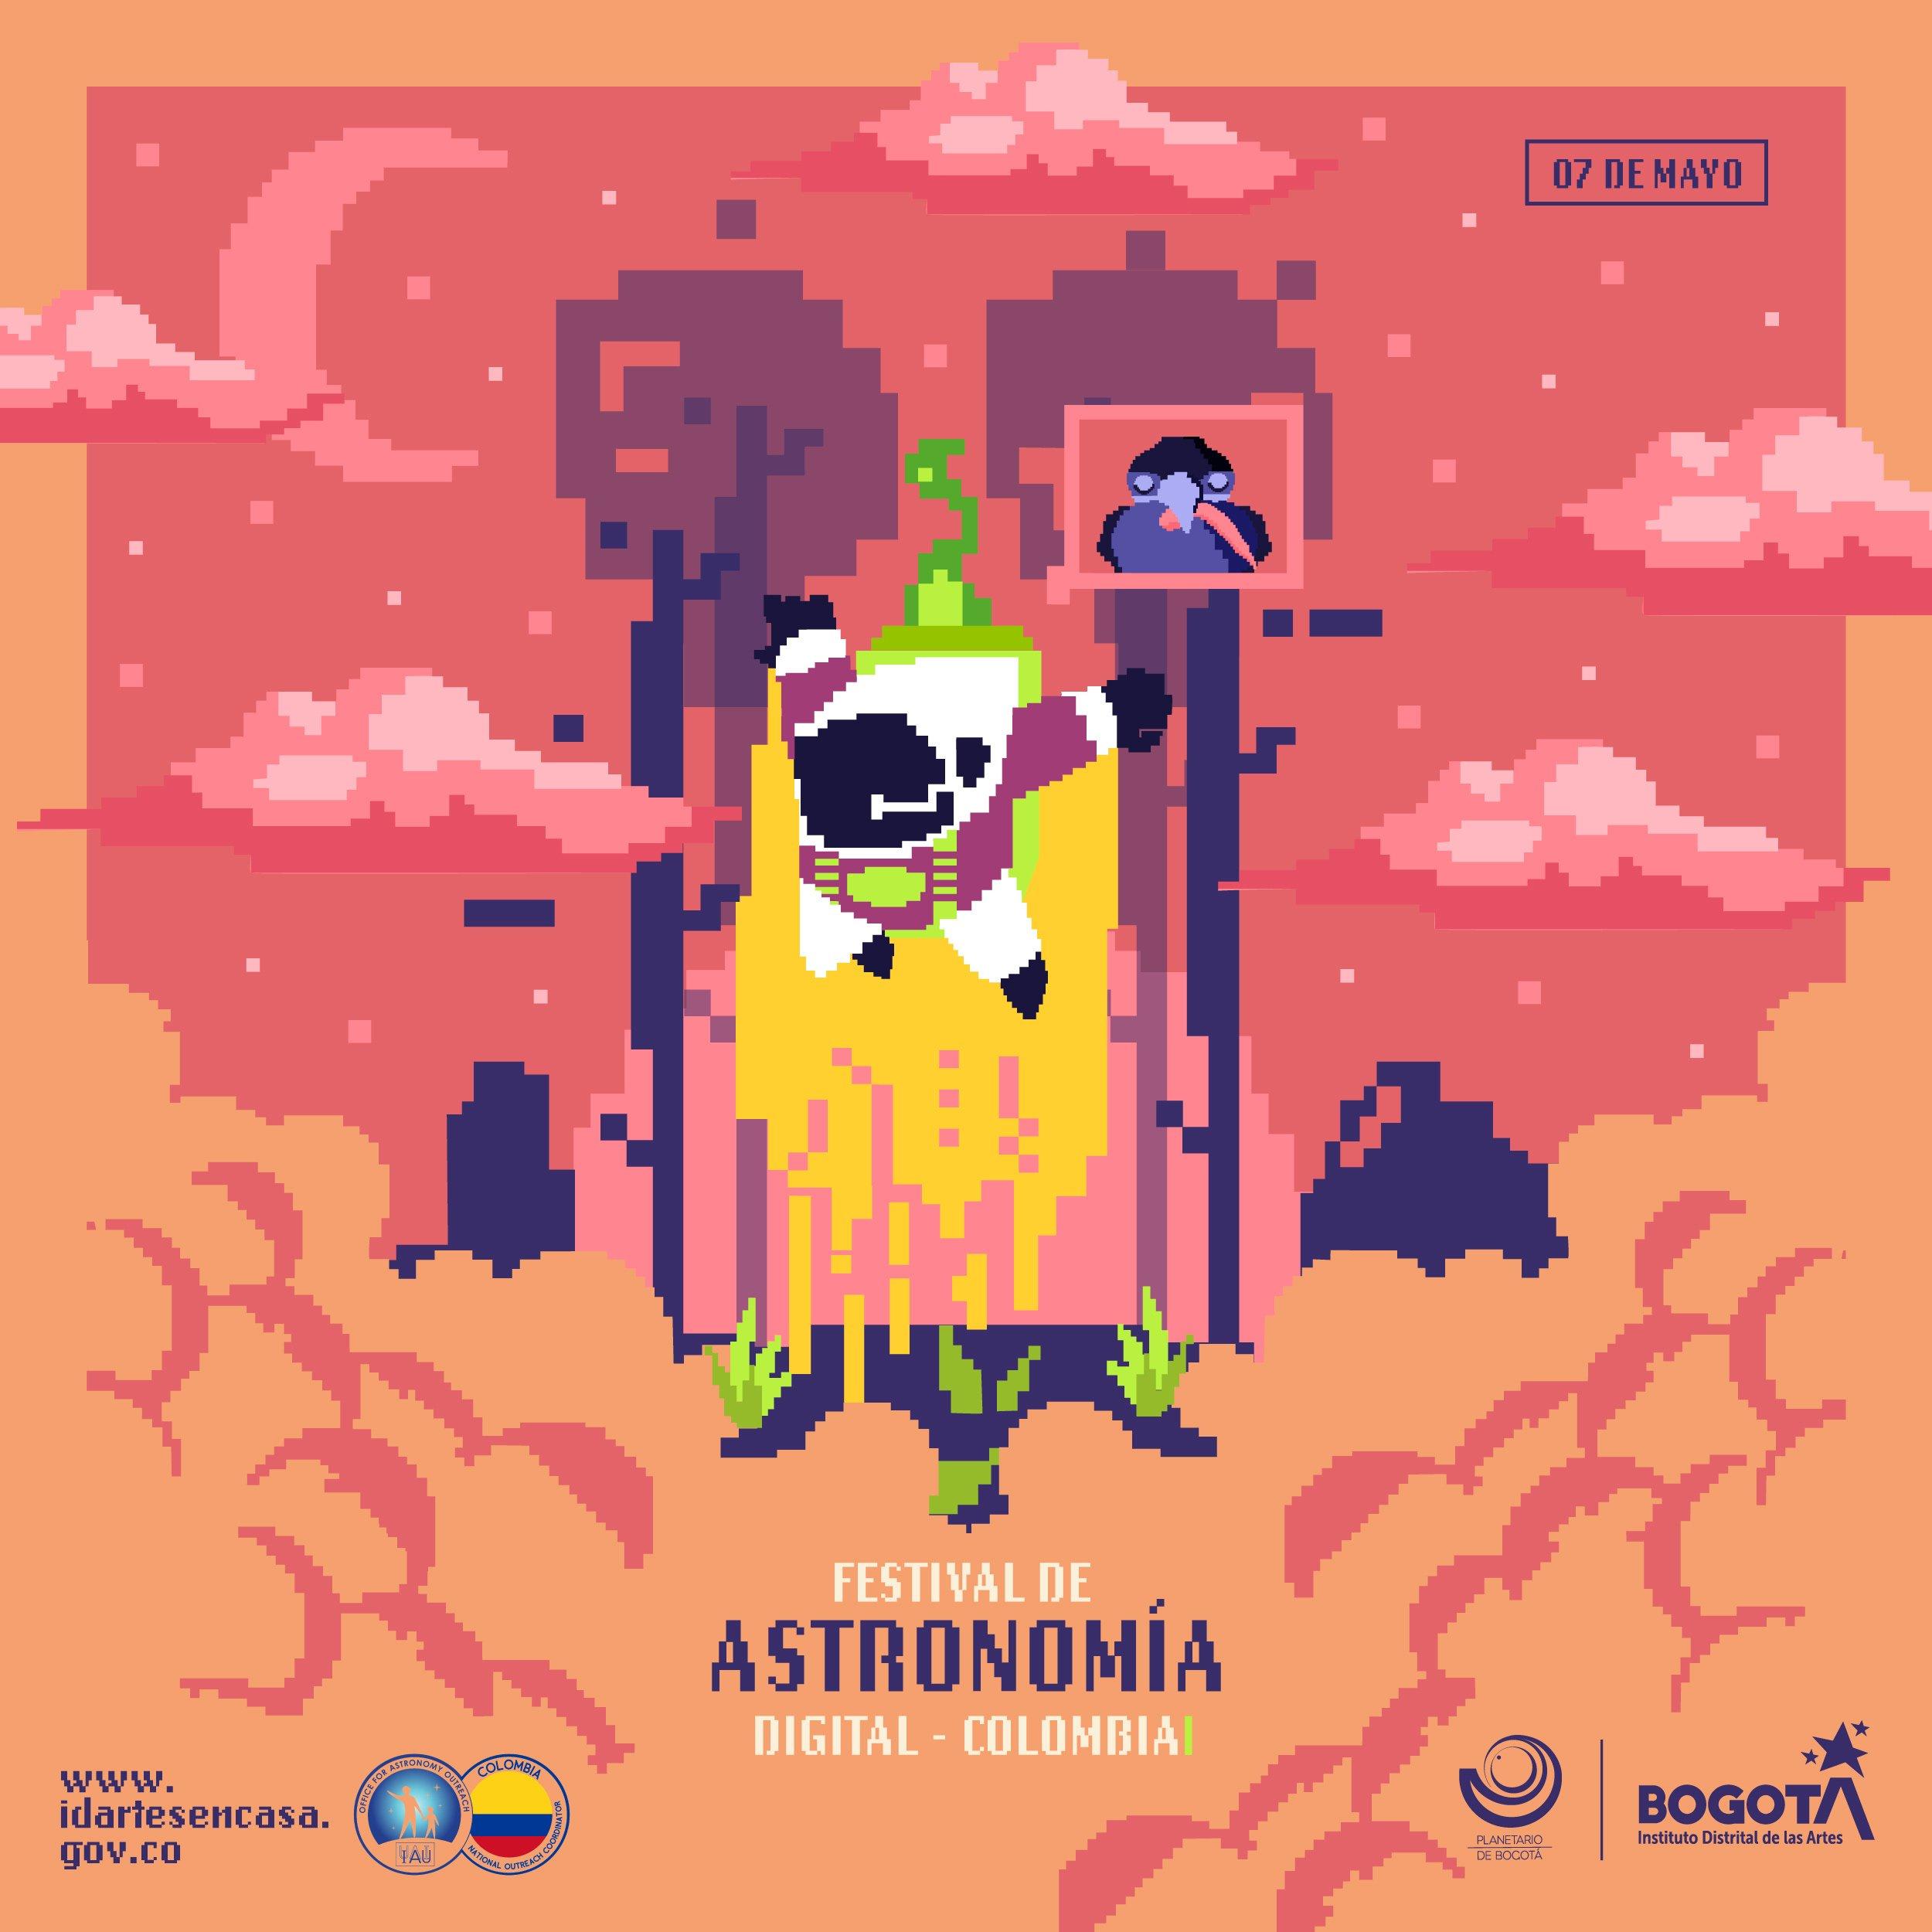 Festival de Astronomía Digital Colombia - unnamed